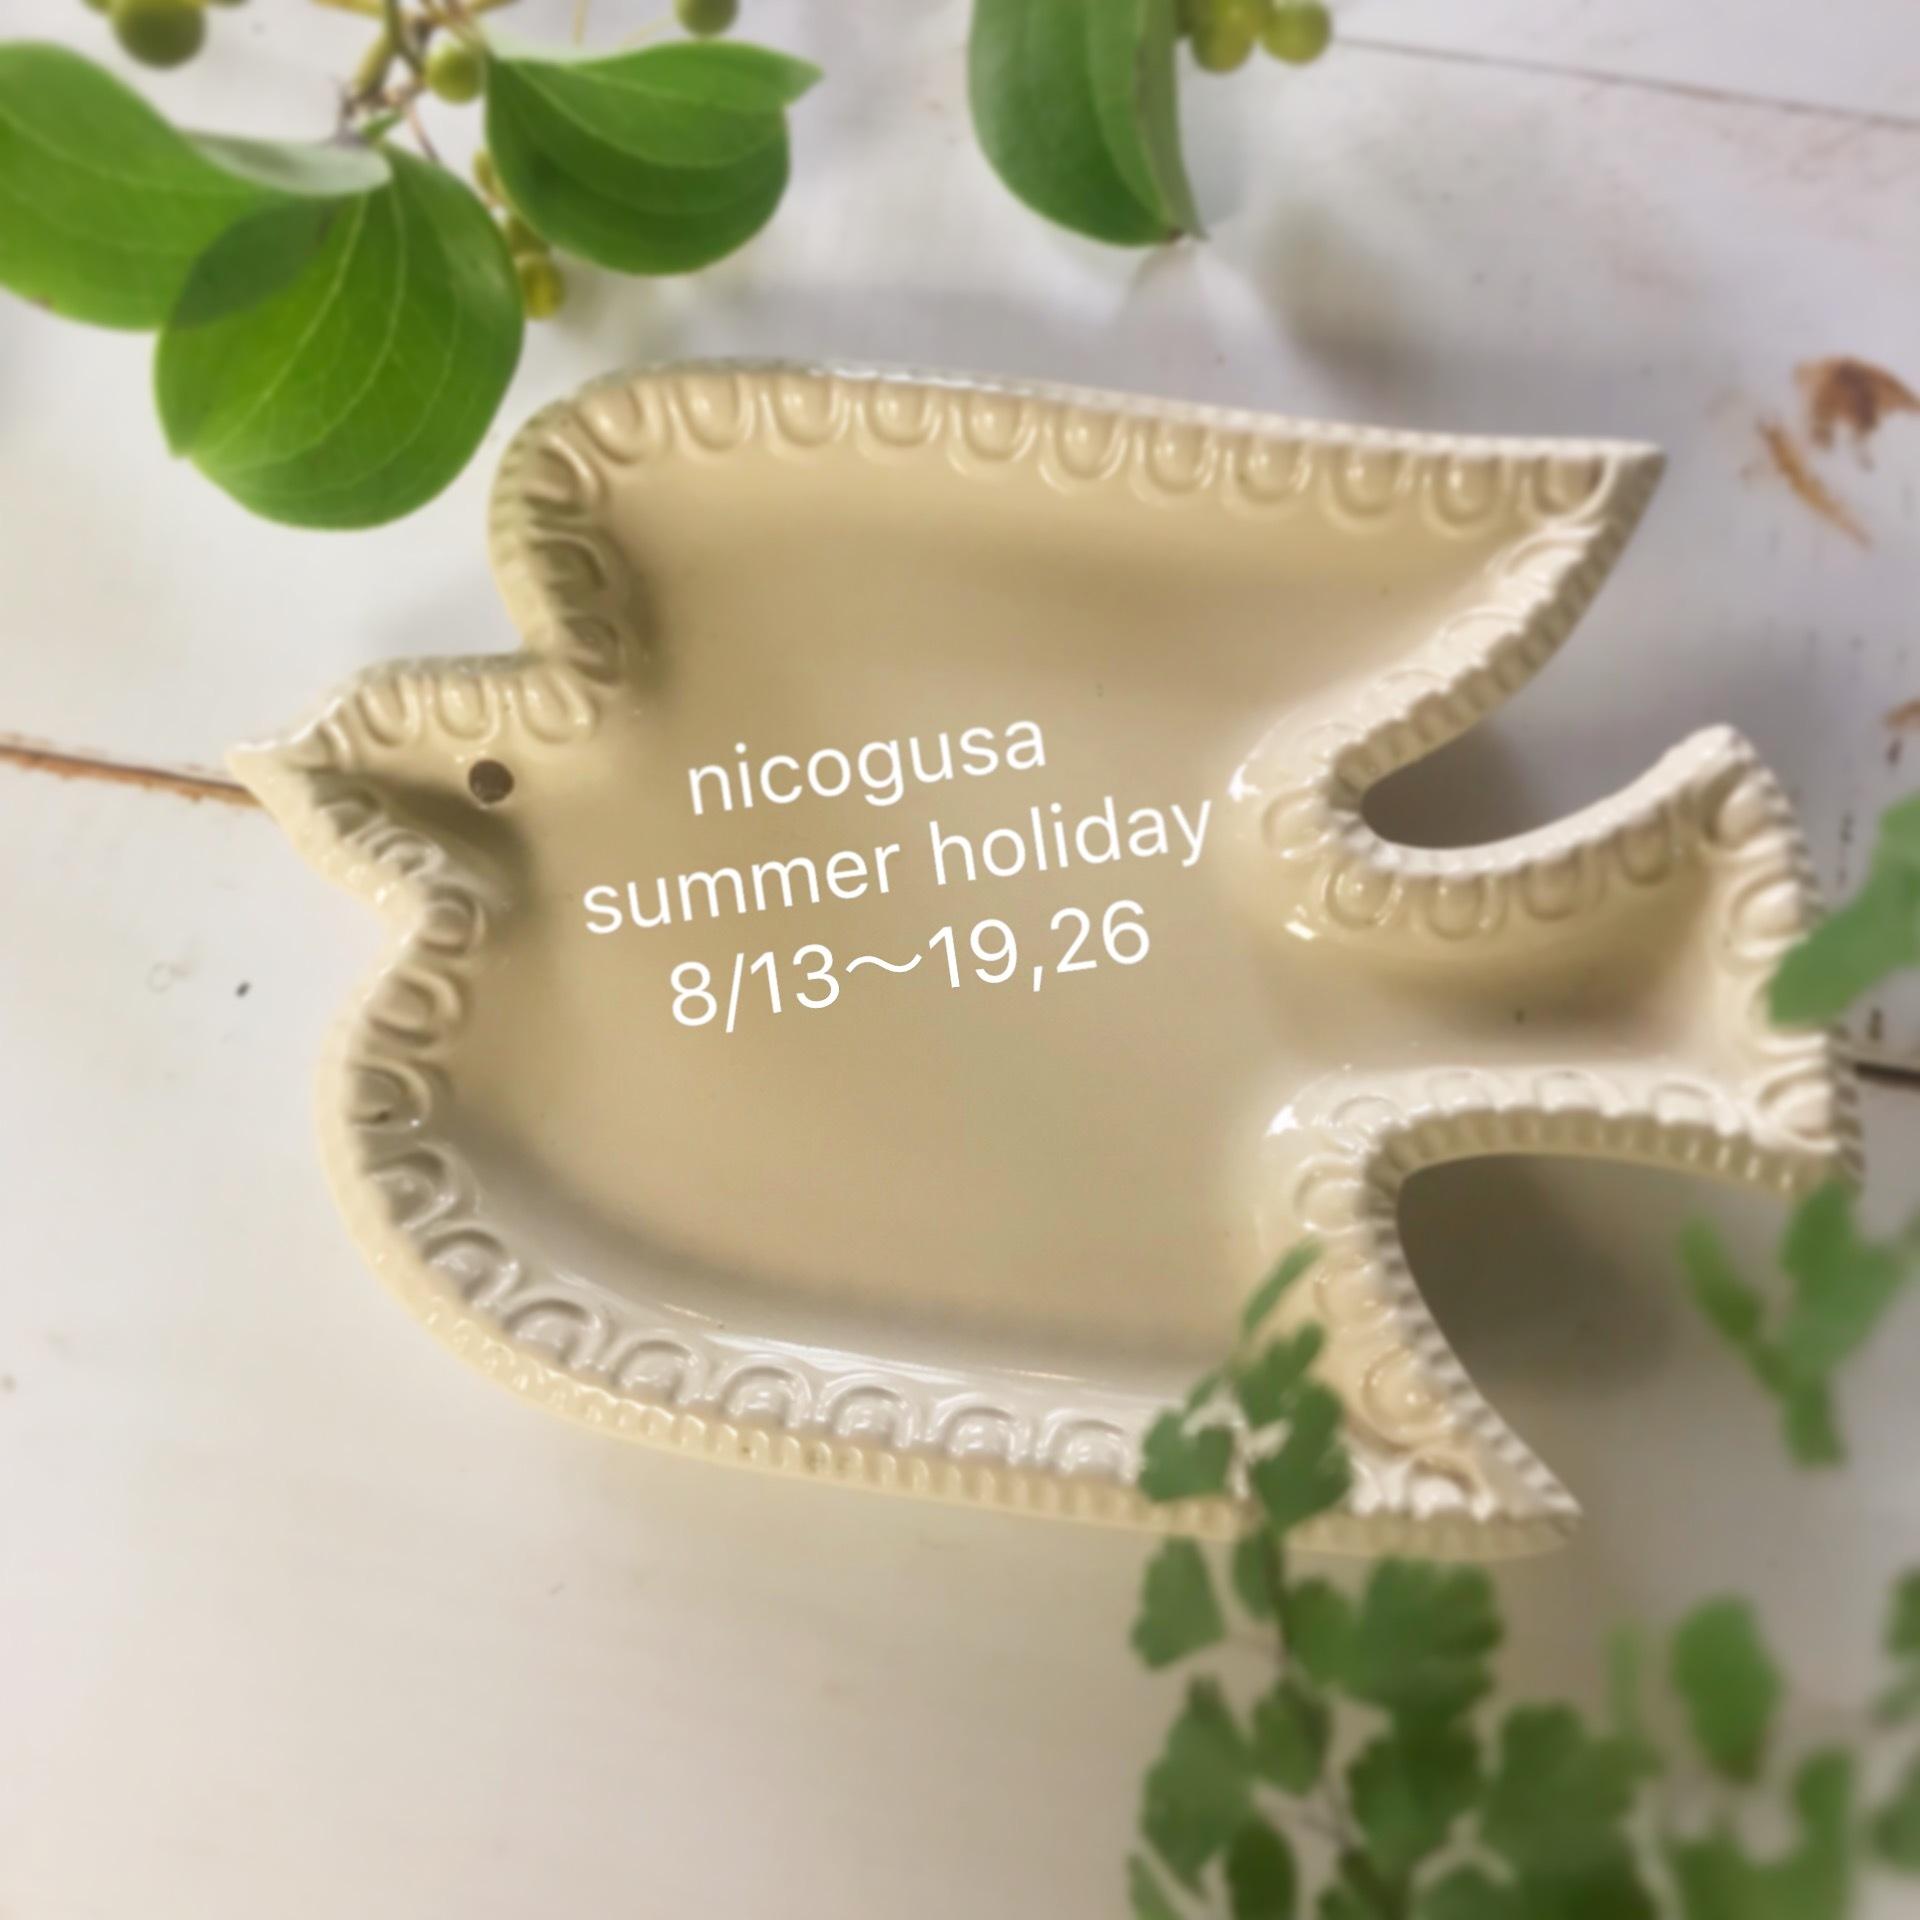 夏季休業のお知らせです。_c0069389_17005063.jpg